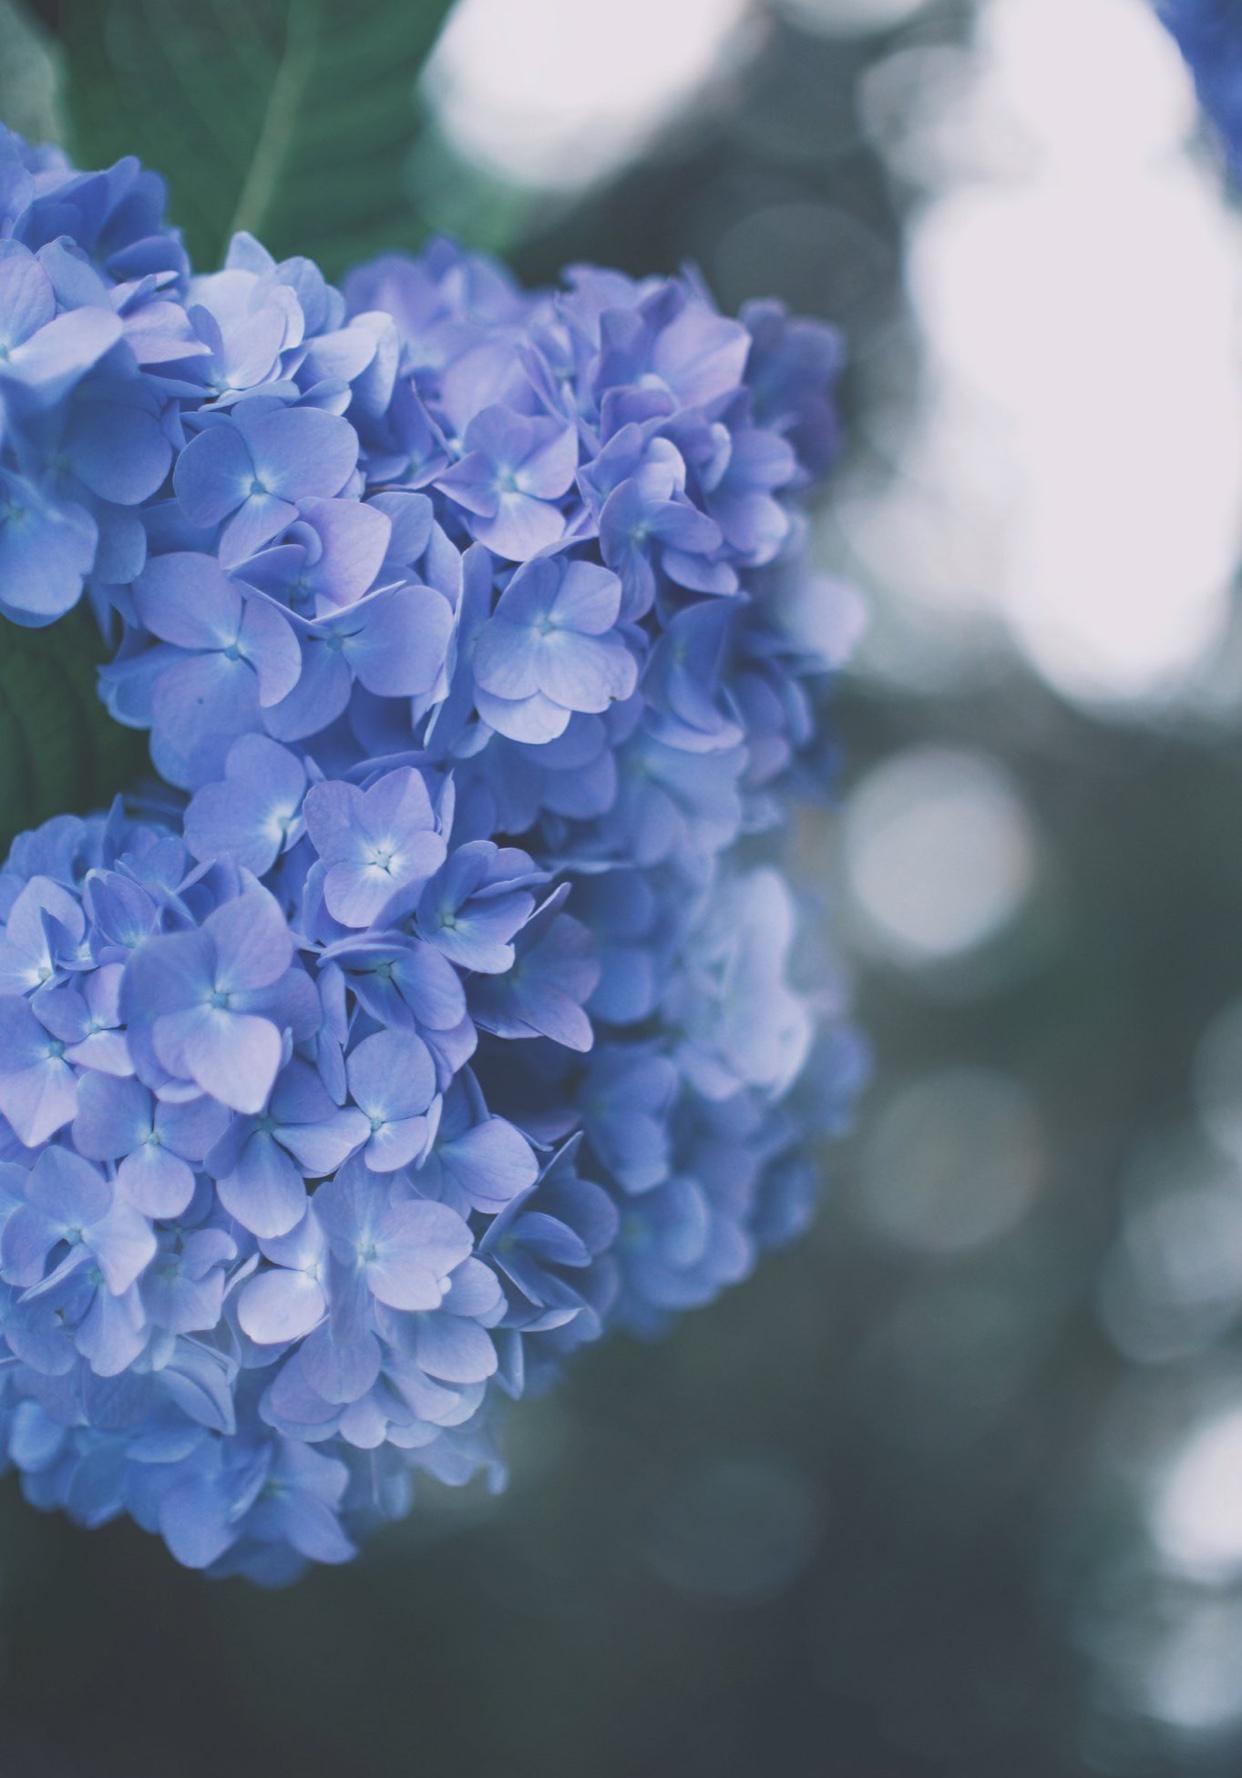 「蒼に魅了されて」06/02(火) 10:58 | 彩乃の写メ・風俗動画